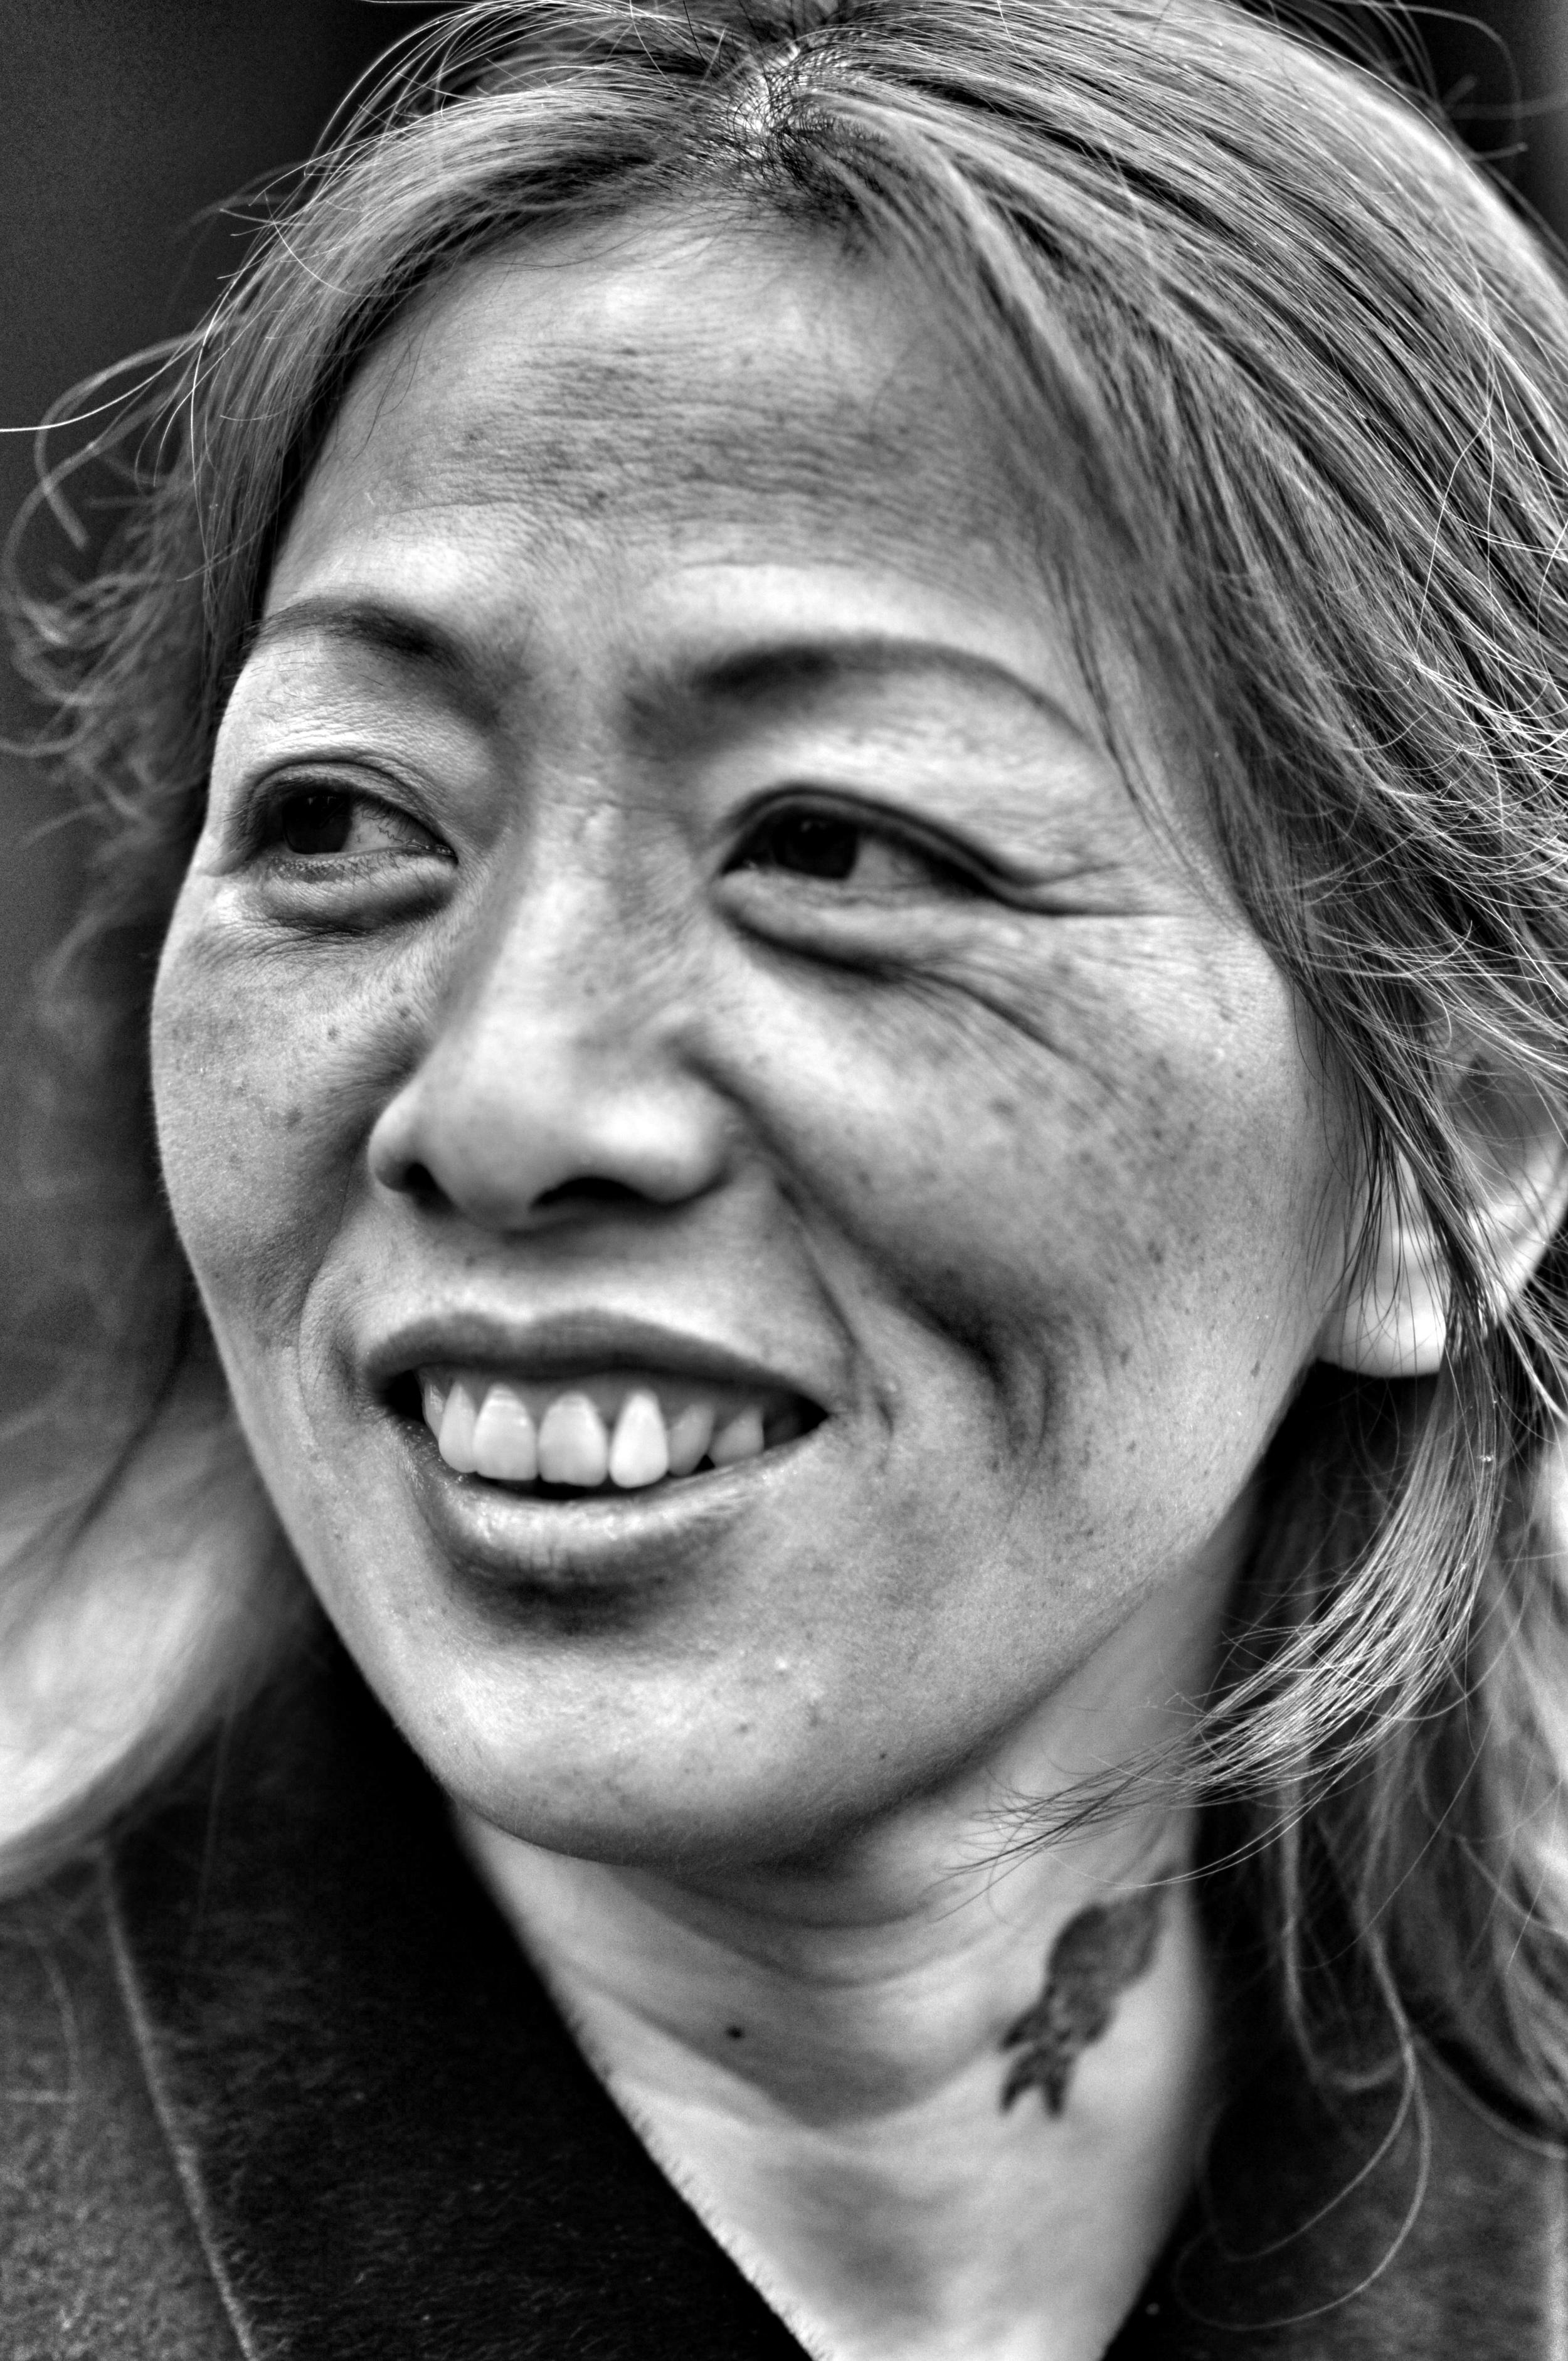 sang jun,yangtze university professor